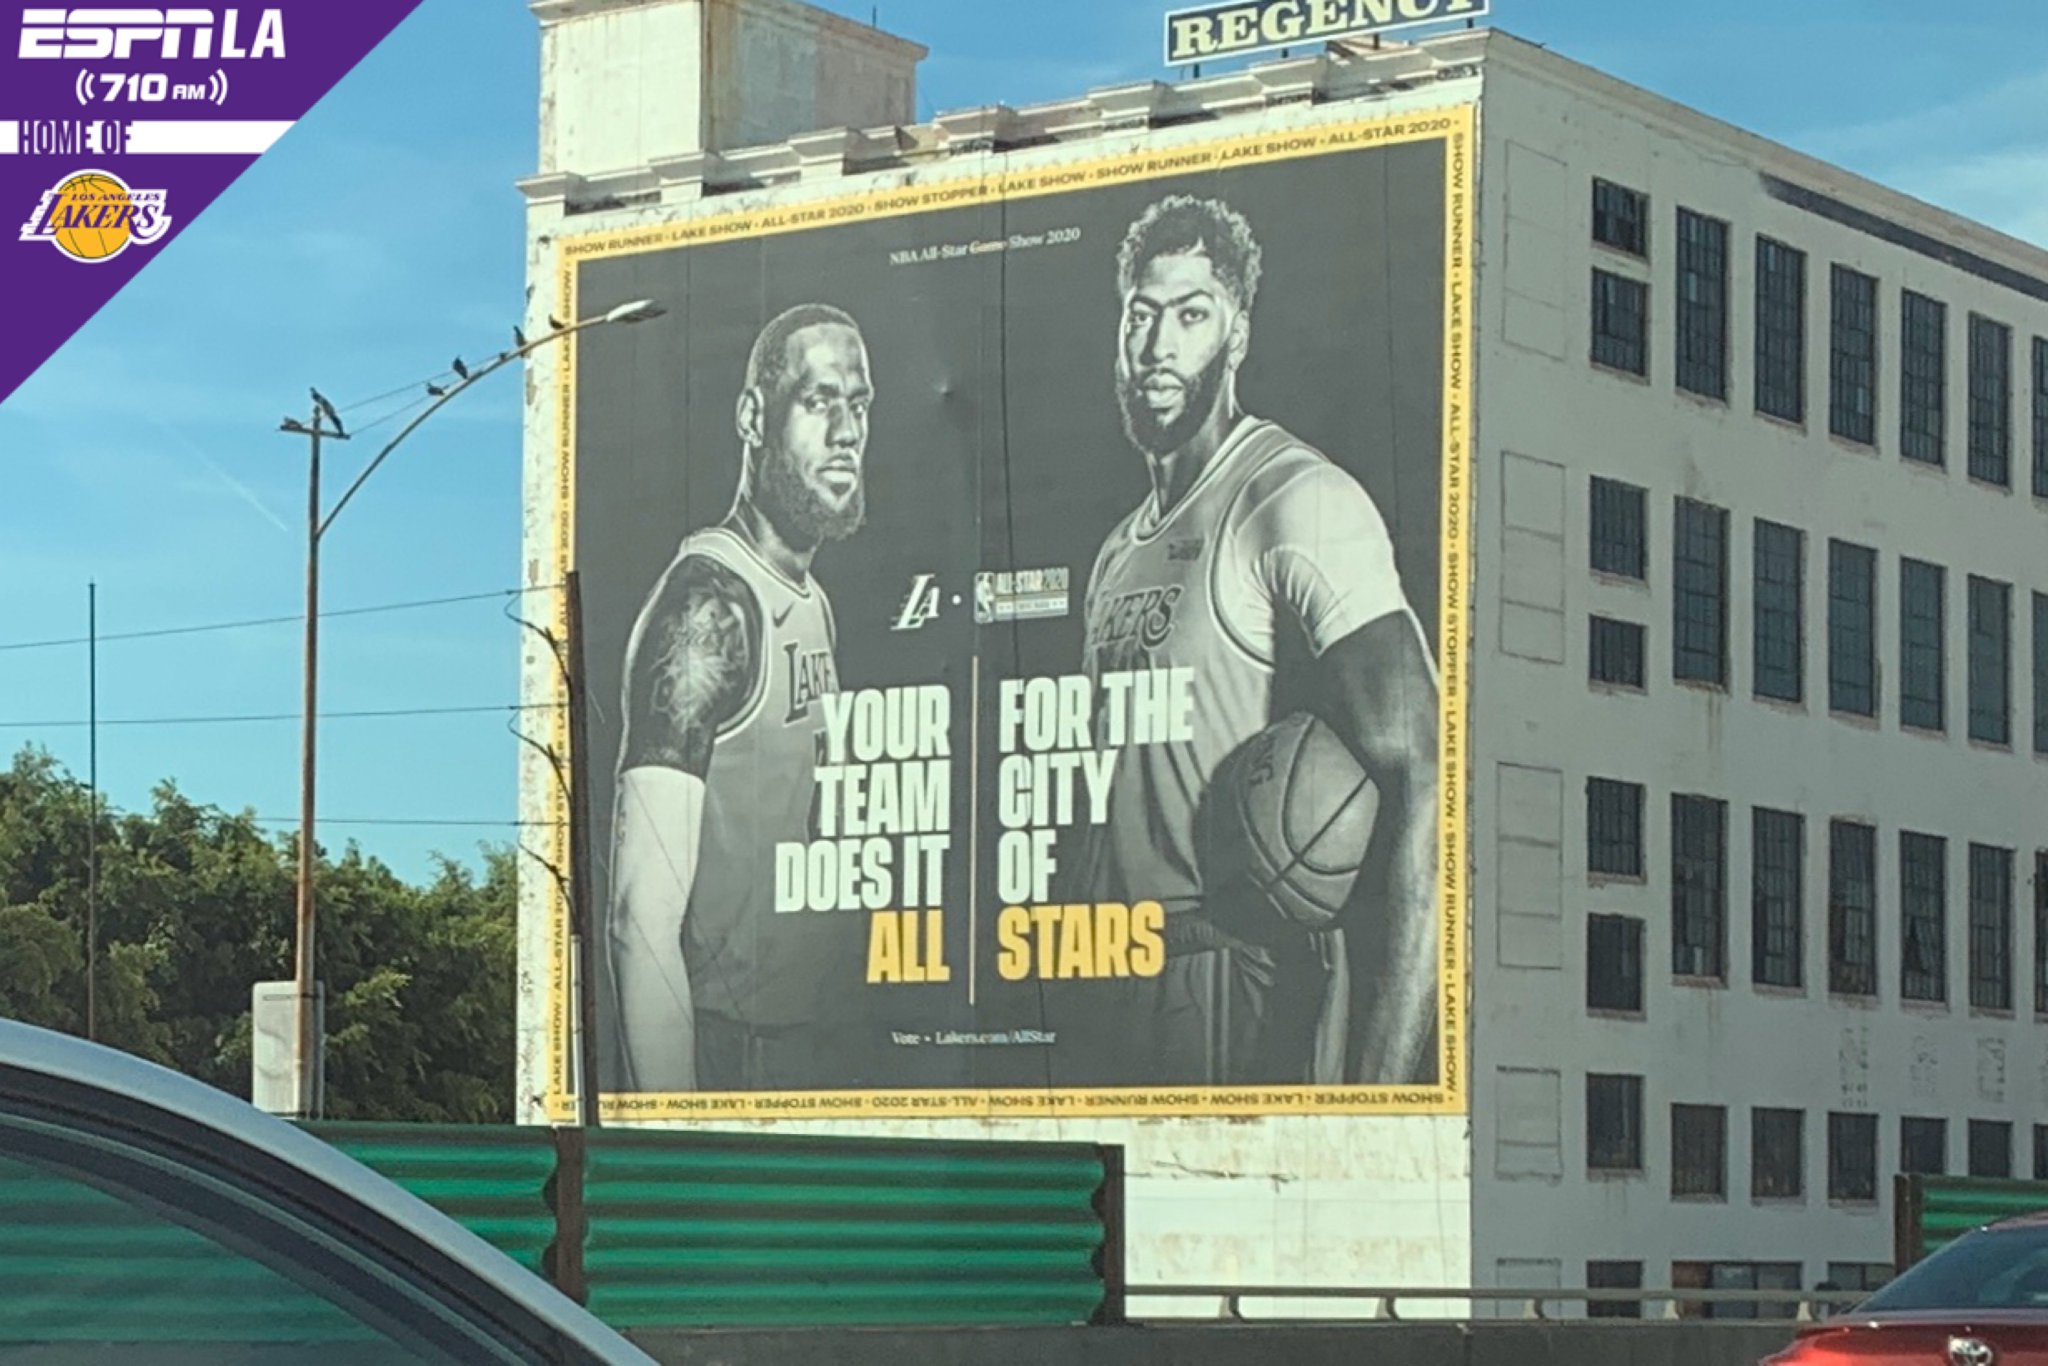 洛杉矶街头出现为詹姆斯和浓眉全明星拉